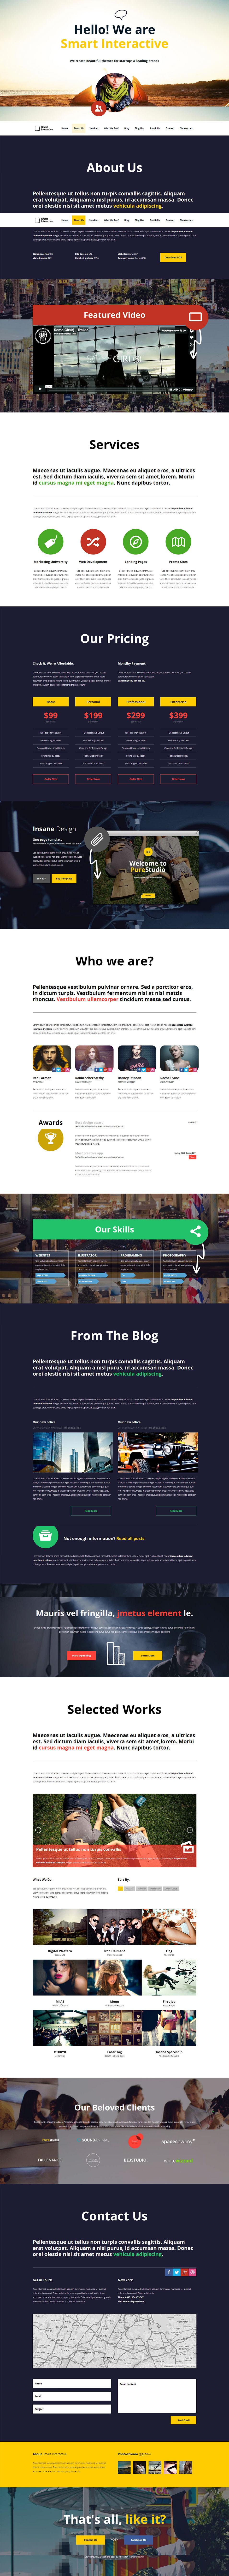 smart interactive